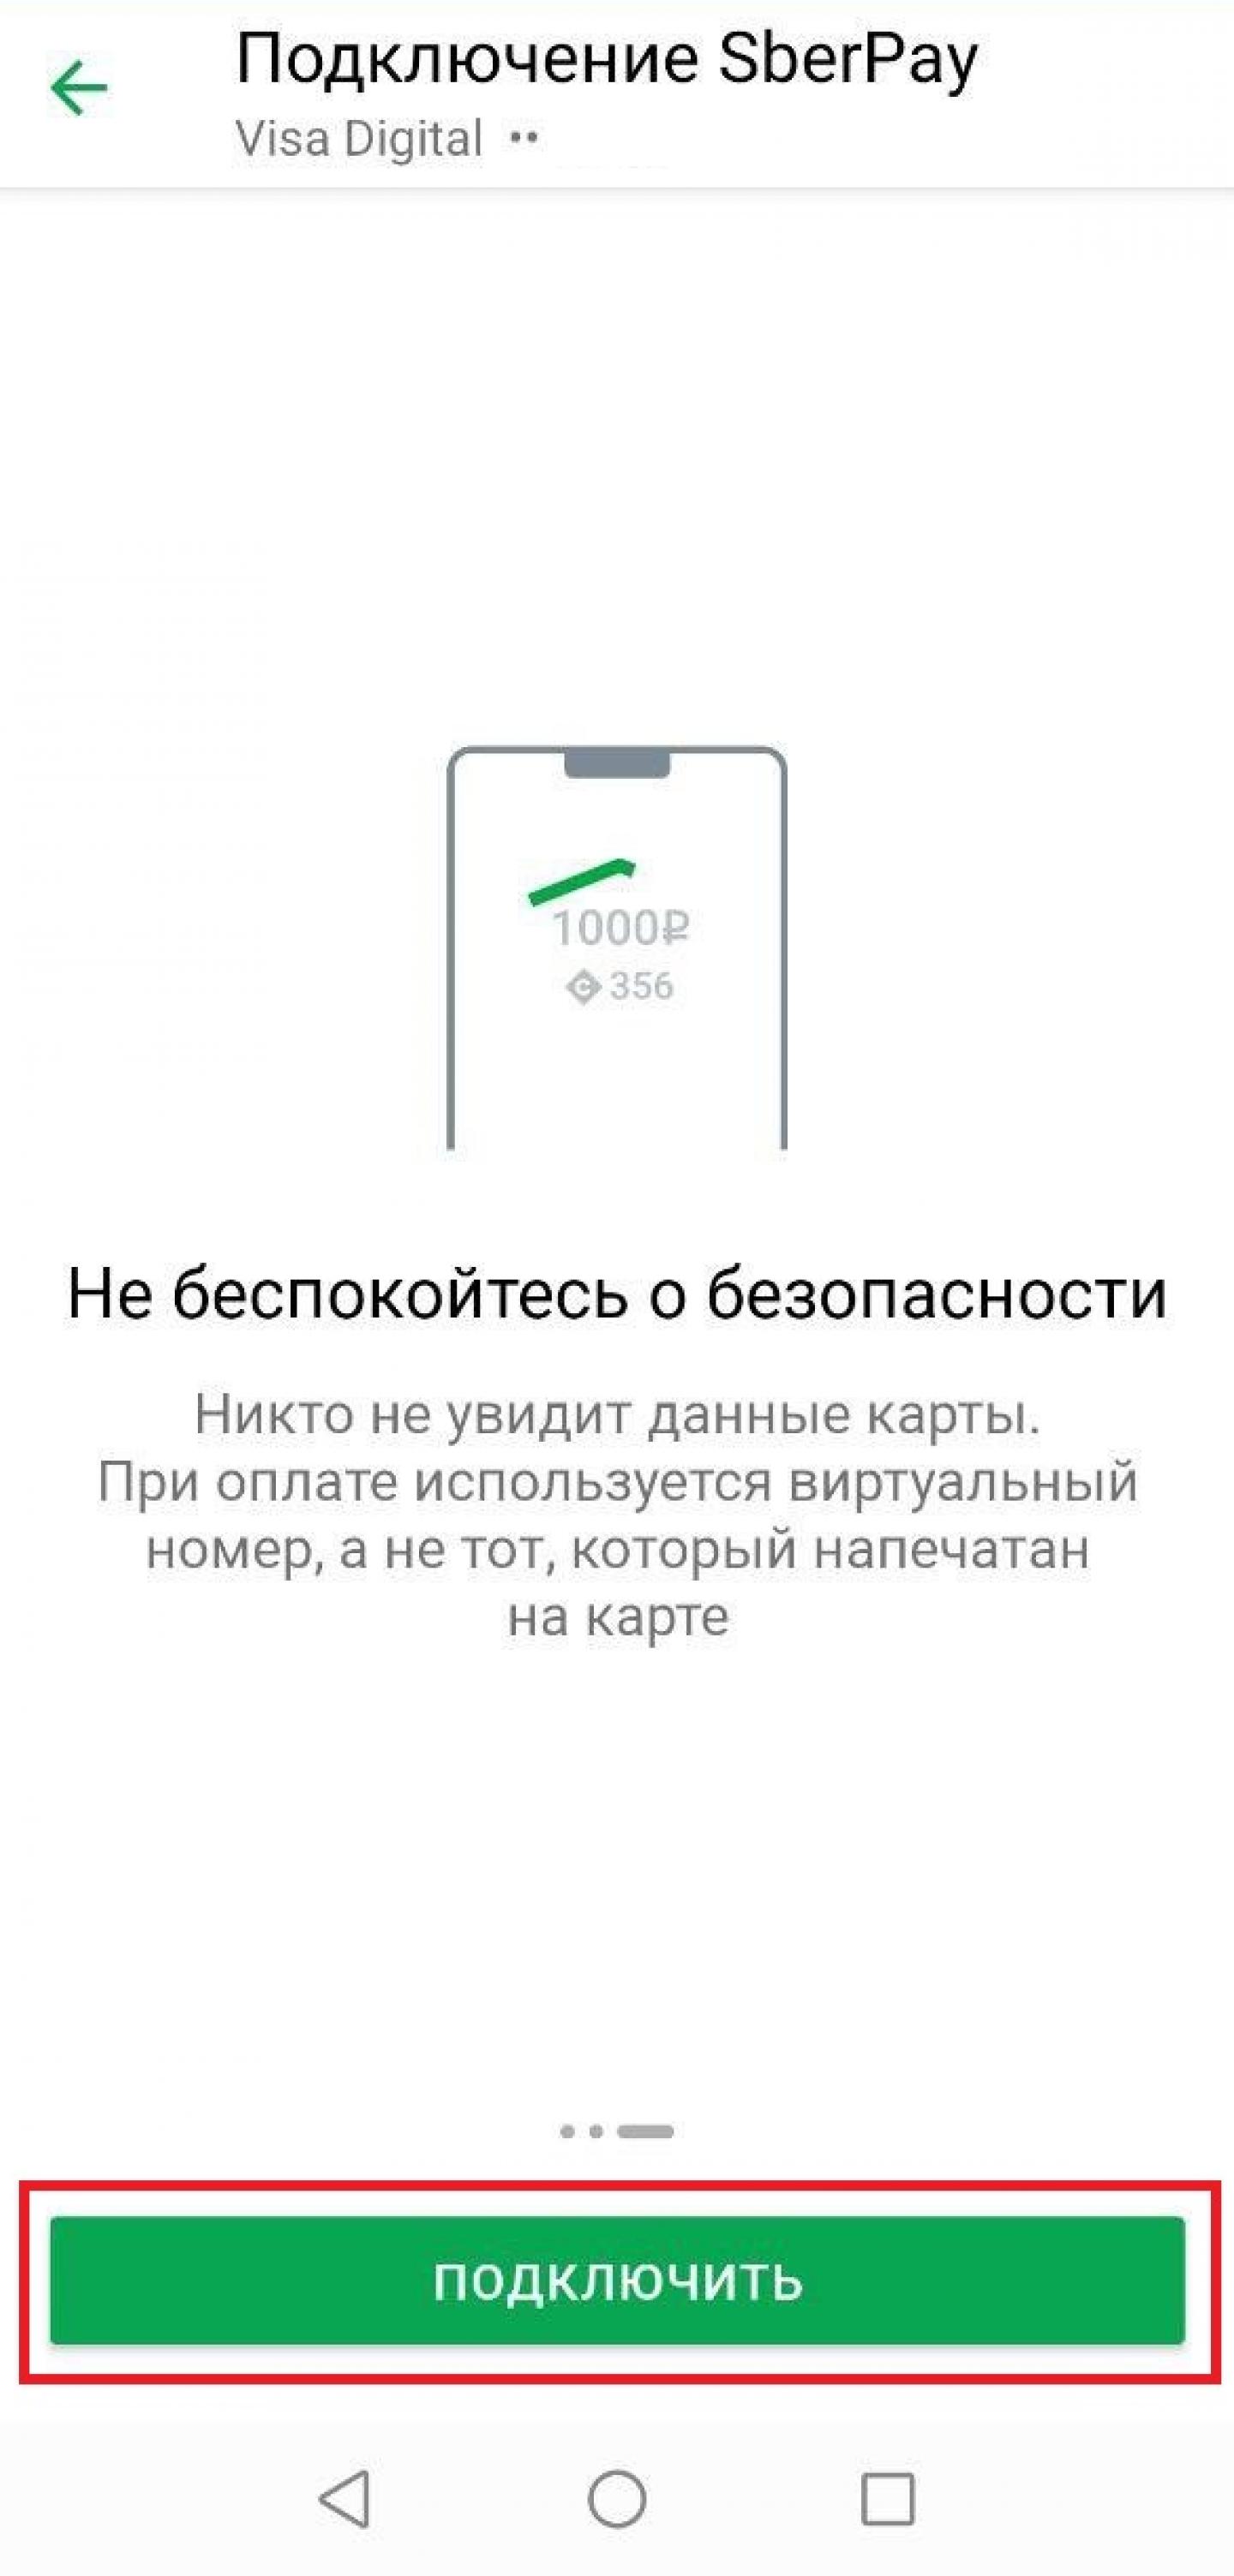 Подключение карты к сервису SberPay. Шаг 2